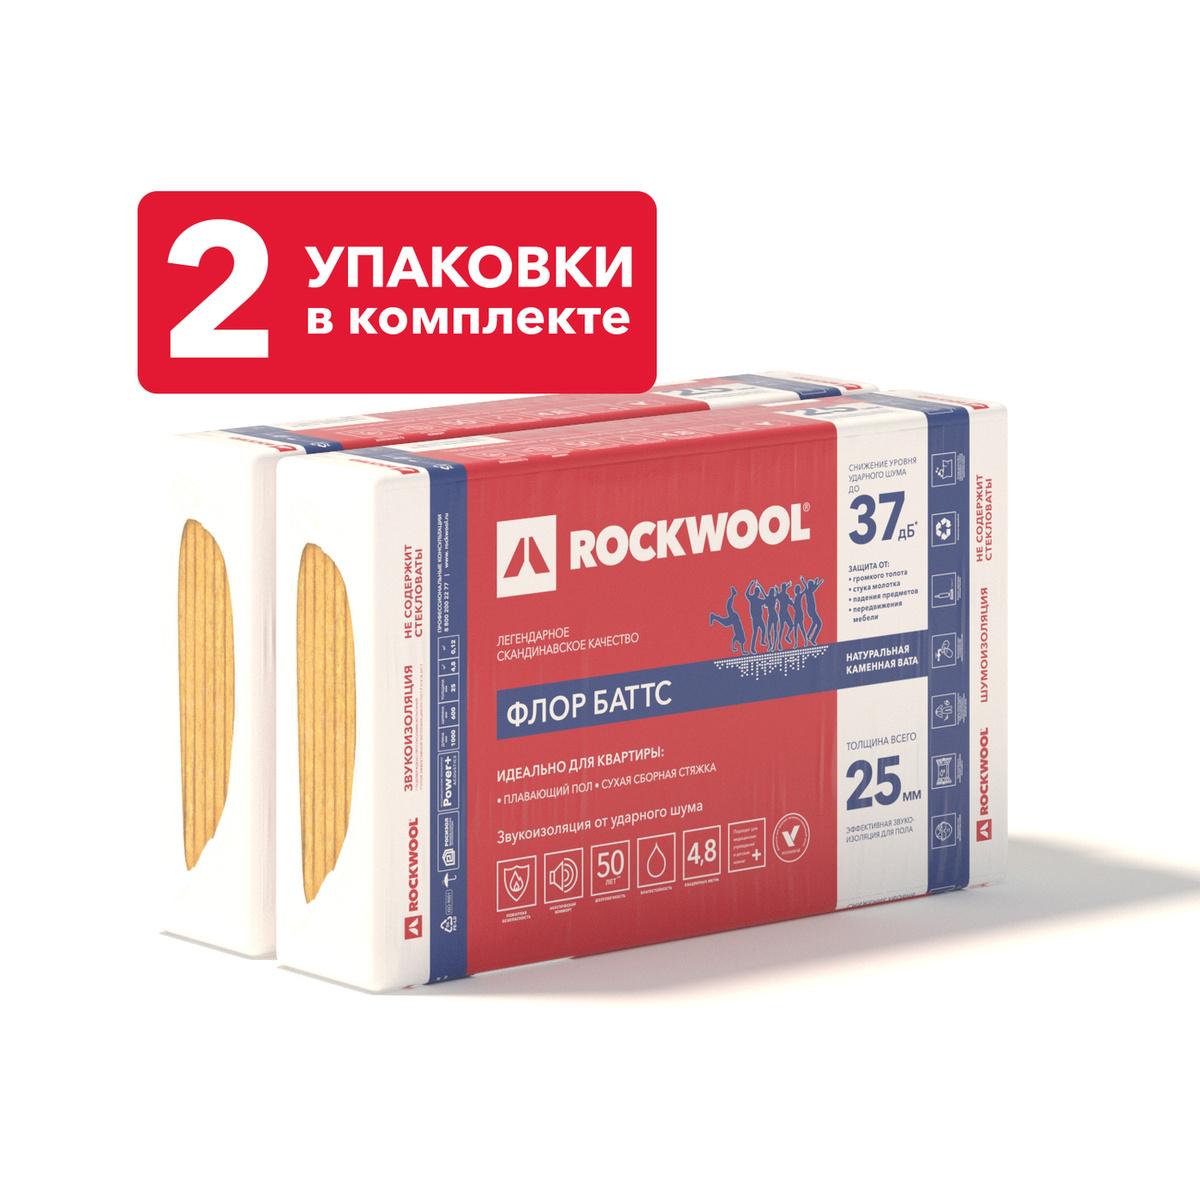 Звукоизоляция для пола из каменной ваты ROCKWOOL Флор Баттс 1000х600х25 (16 плит в комплекте, 9.6 кв.м.) #1